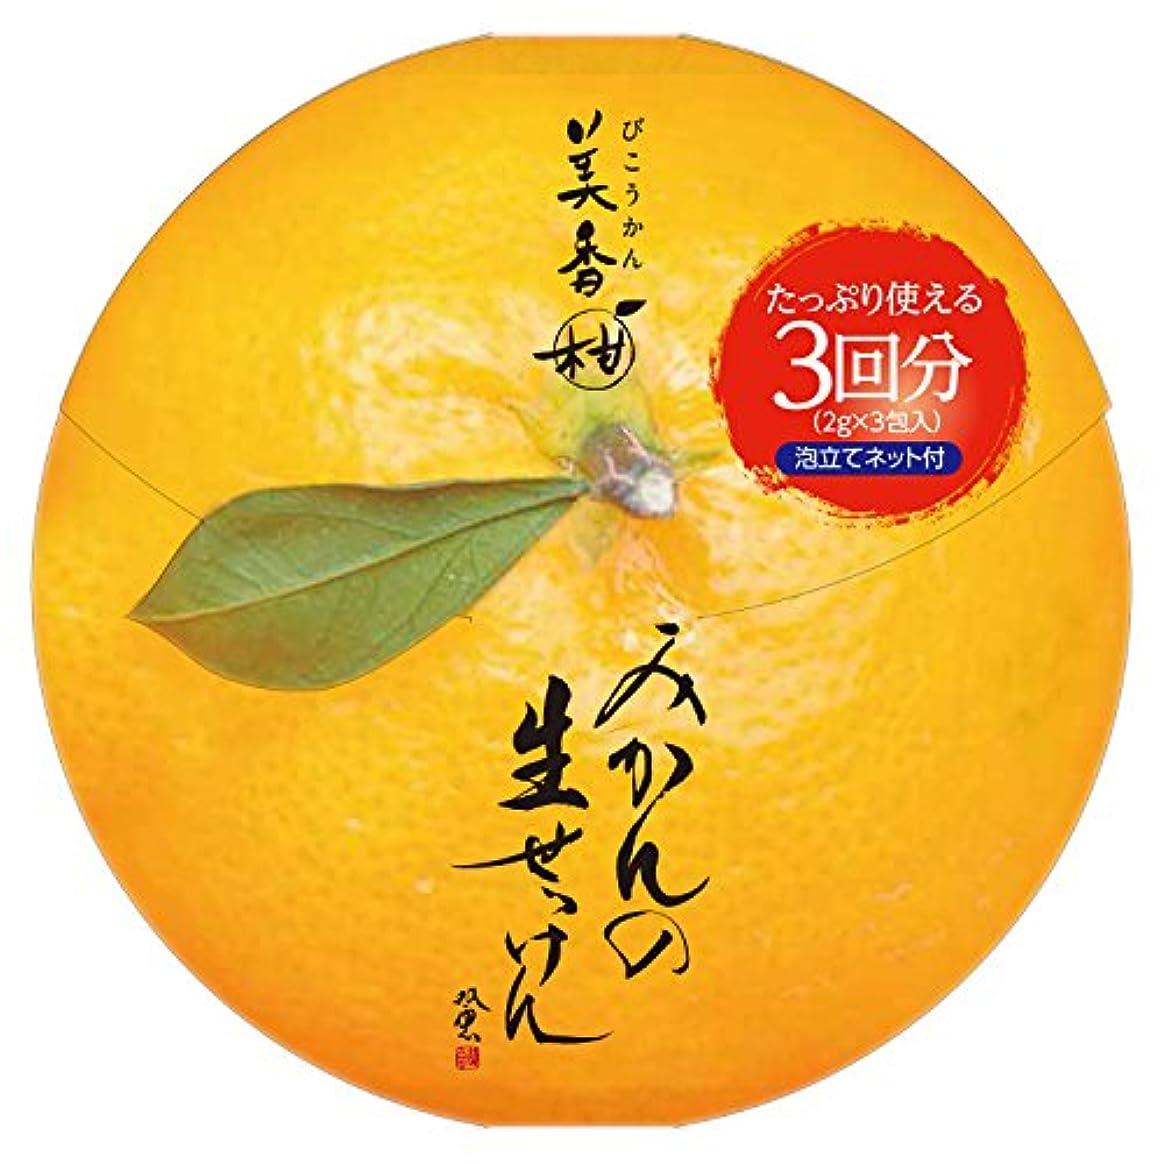 完璧な大理石承認美香柑 みかんの生せっけん 洗顔石鹸 無添加? トライアルセット 泡立てネット付 2g×3回分